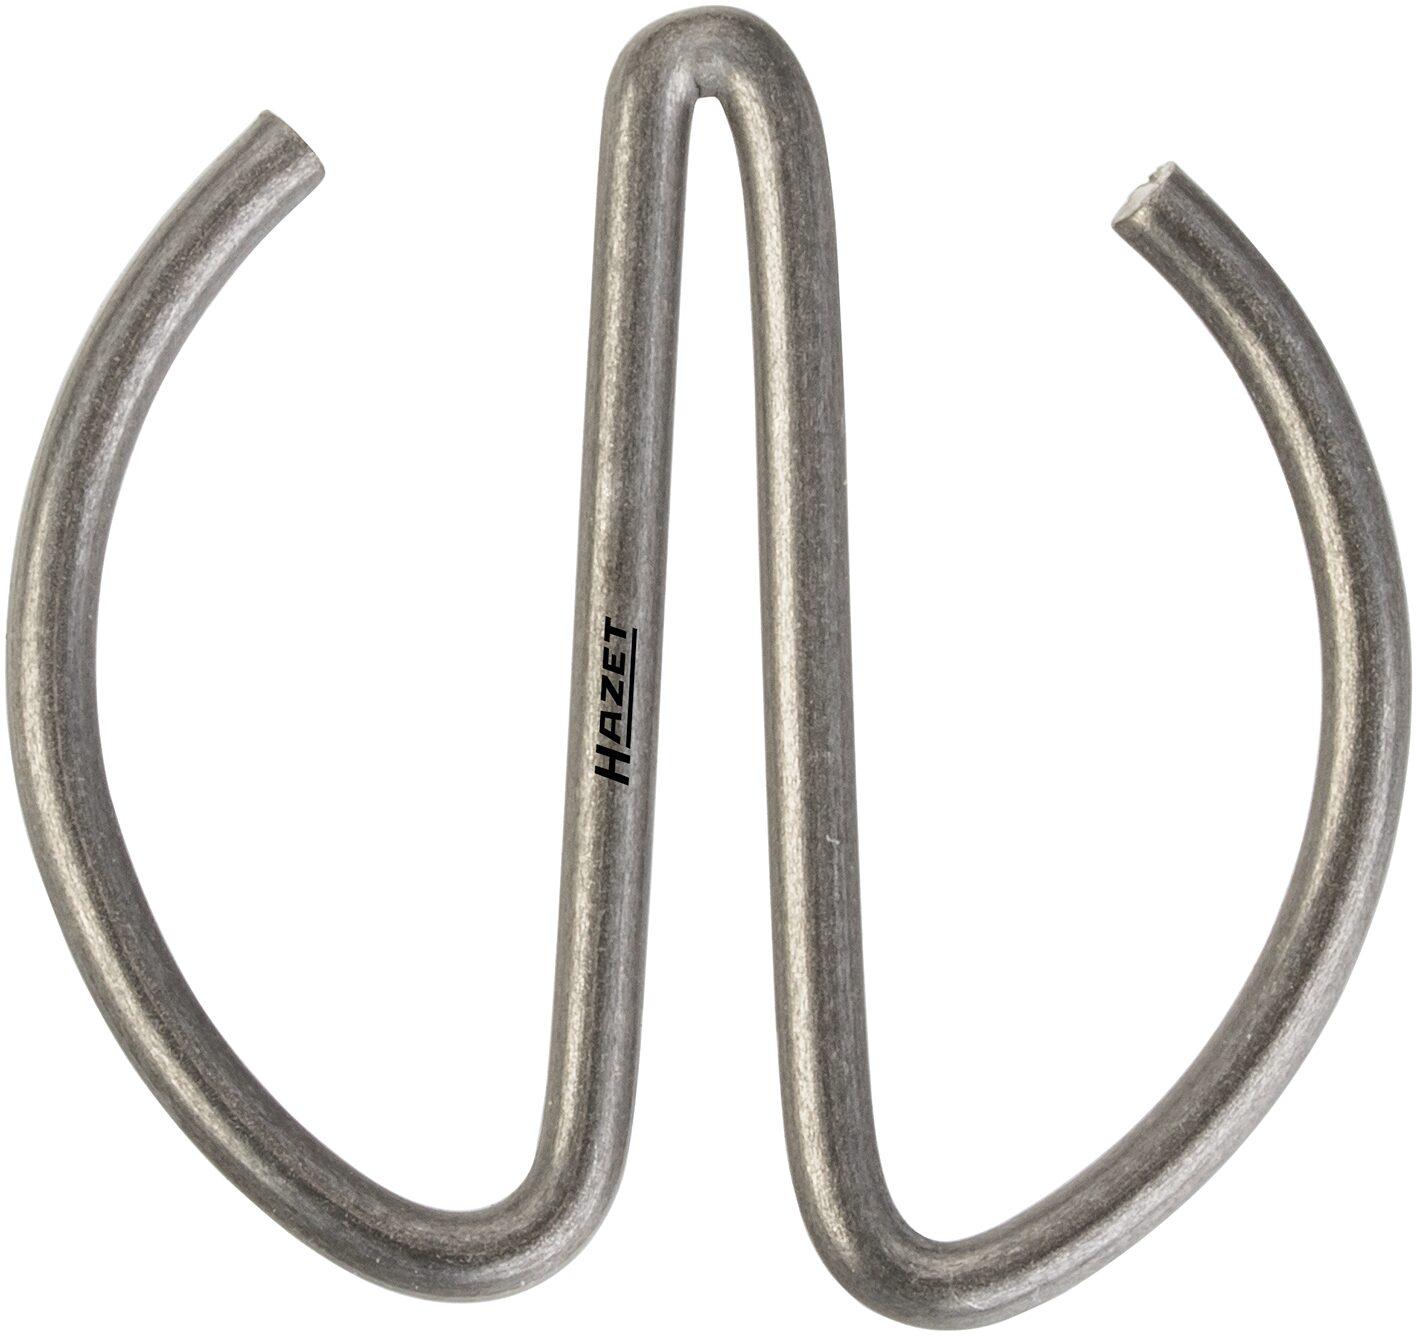 HAZET Sicherungsfeder 900S-HF1530 ∙ Vierkant hohl 12,5 mm (1/2 Zoll) ∙ ∅ 25